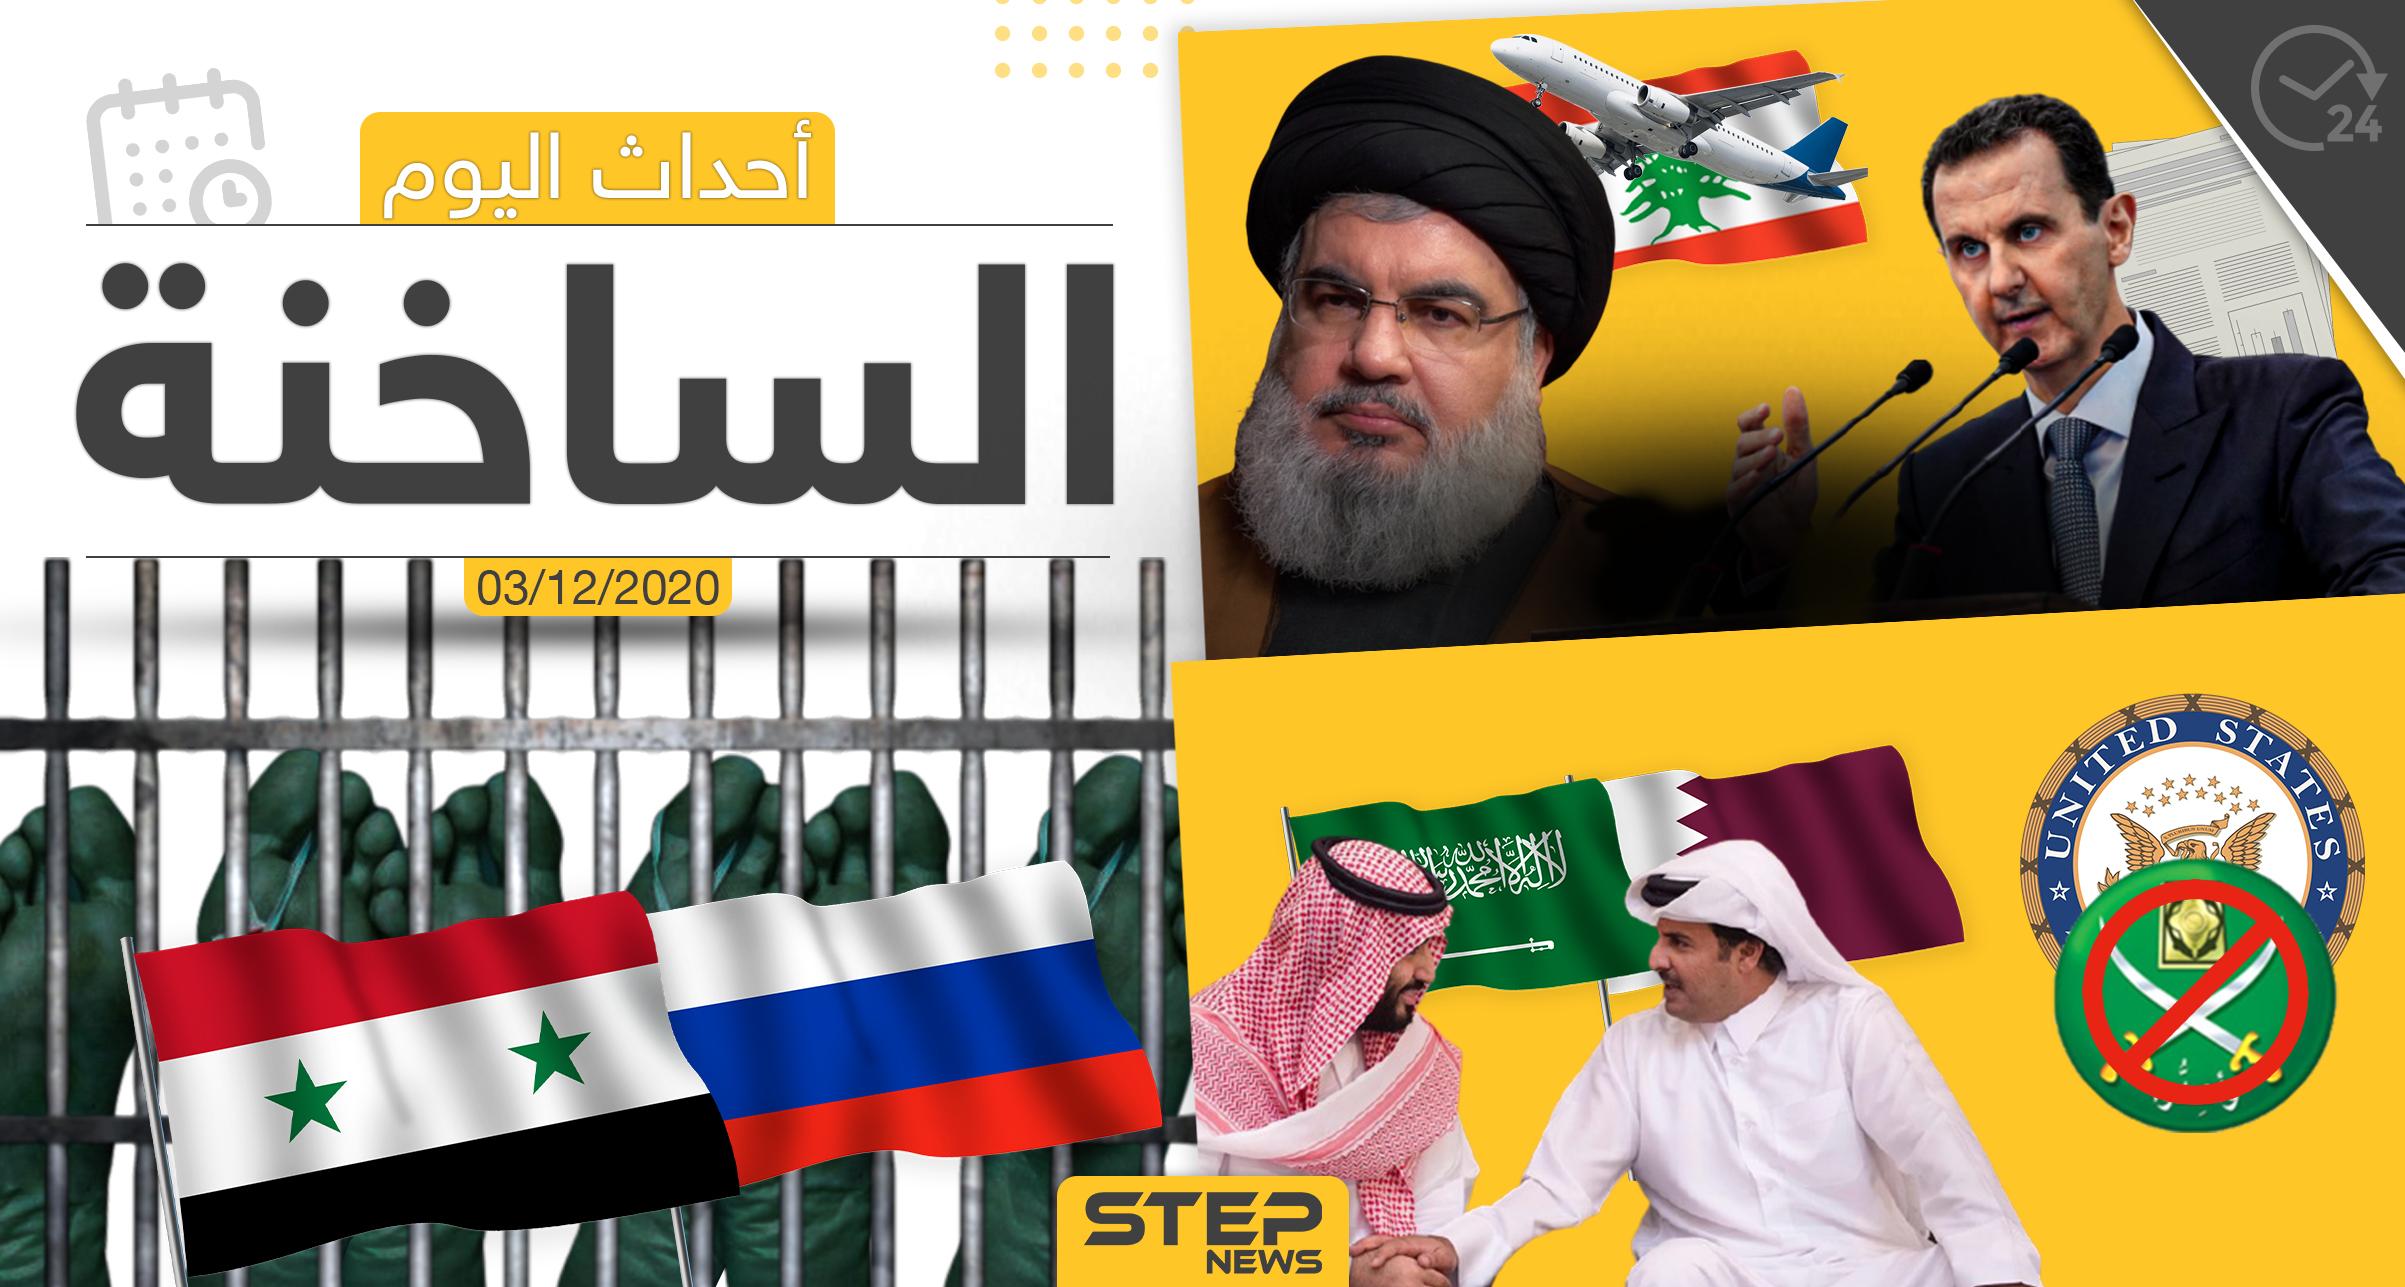 أهم أخبار اليوم في سوريا والعالم-